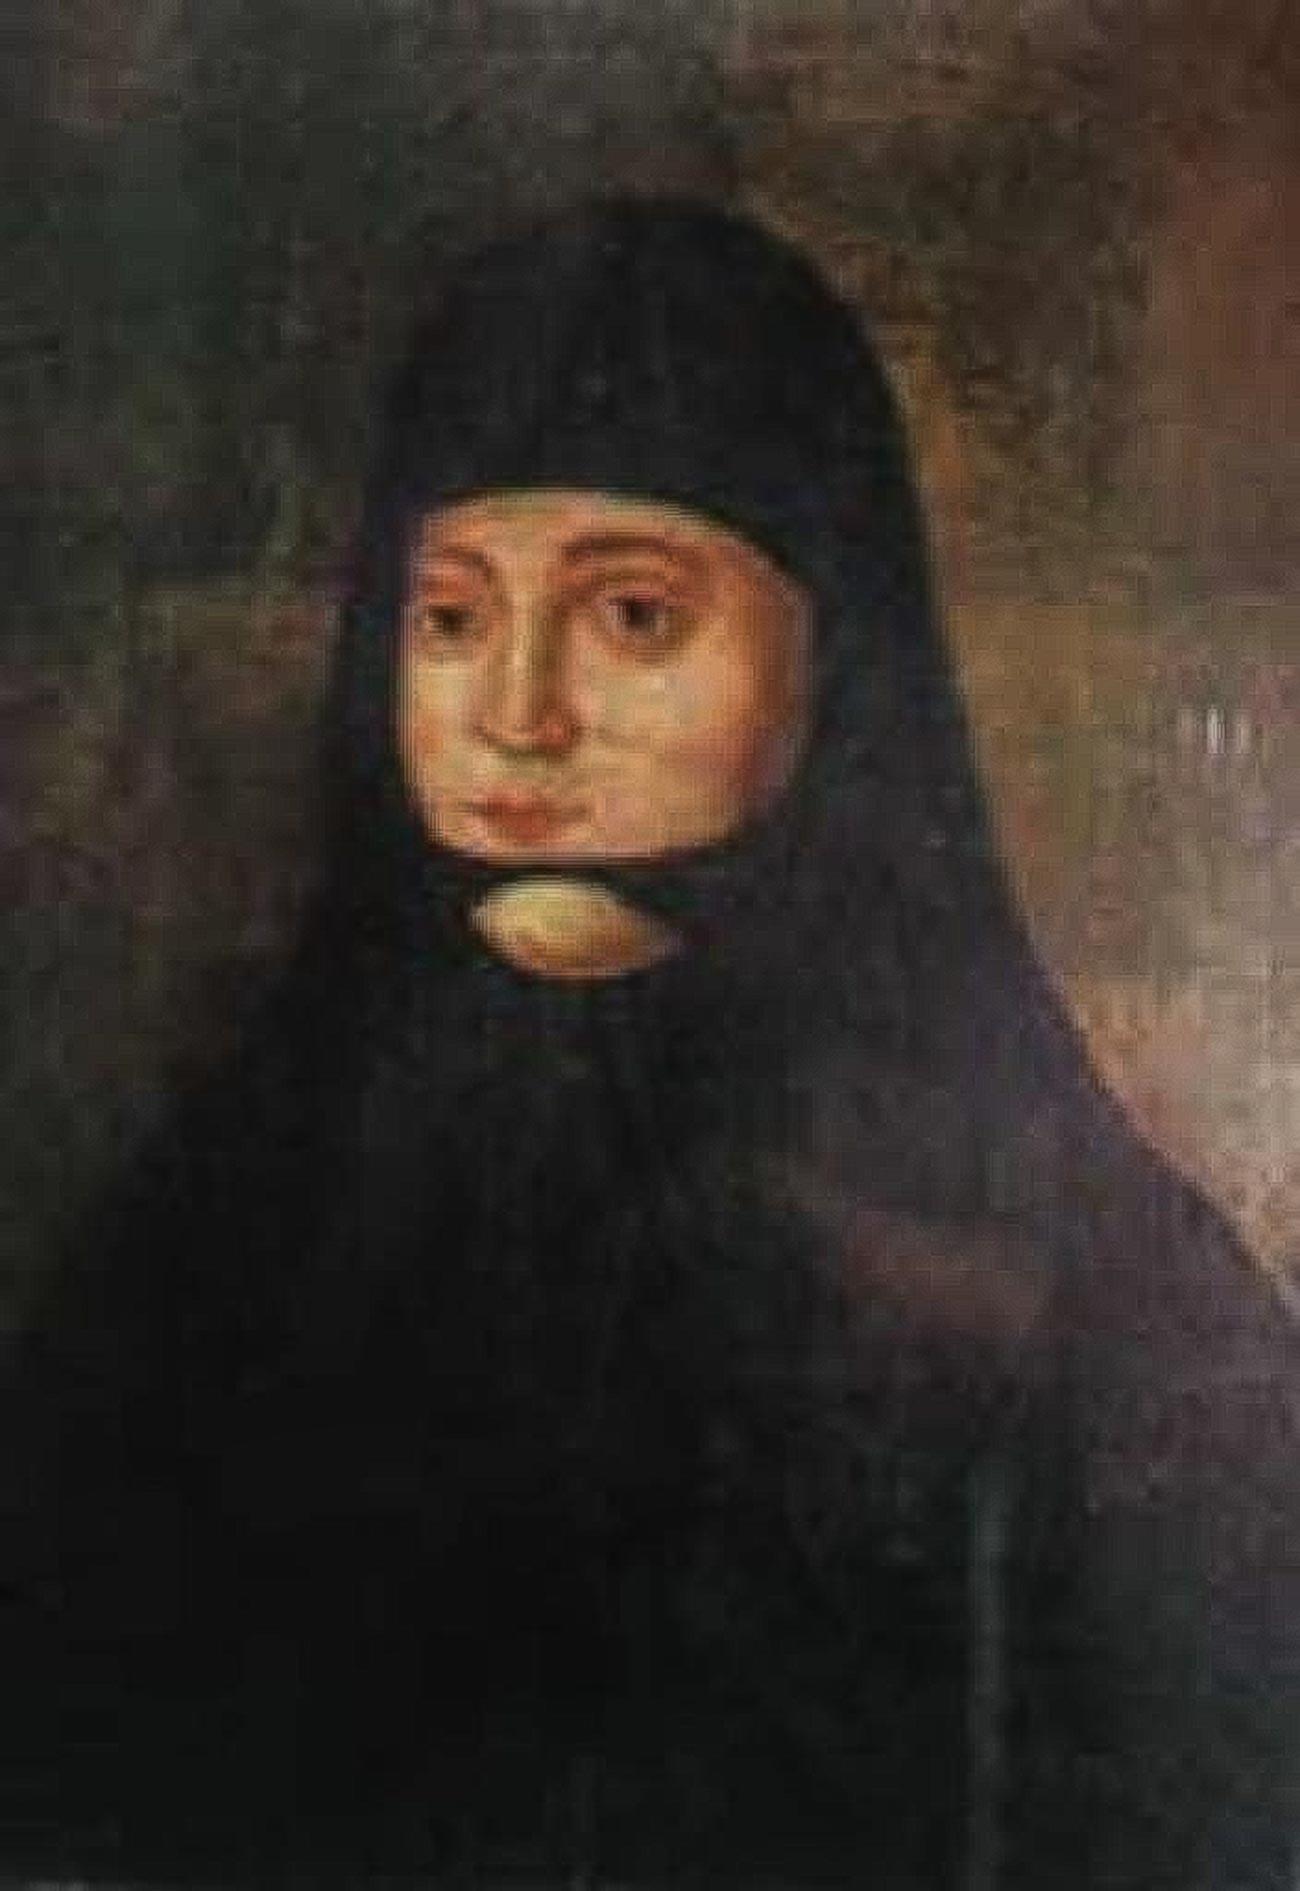 Solomonia Saburova, prima moglie di Basilio III di Russia, con l'abito da monaca nel Convento dell'Intercessione (Pokrovskij) di Suzdal